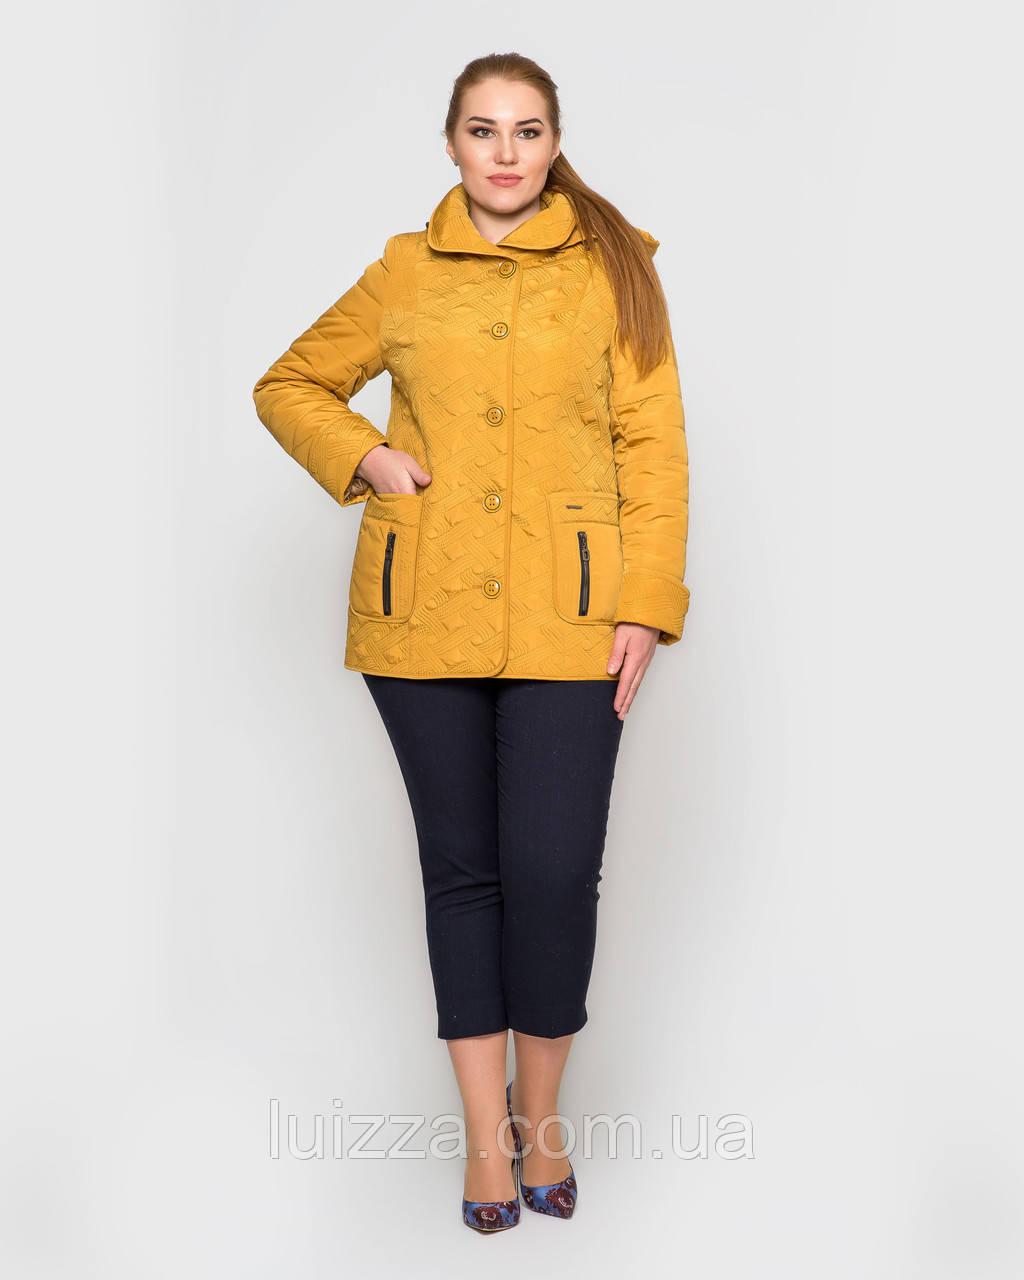 Женская куртка, стеганная узором 50-62рр горчица 56